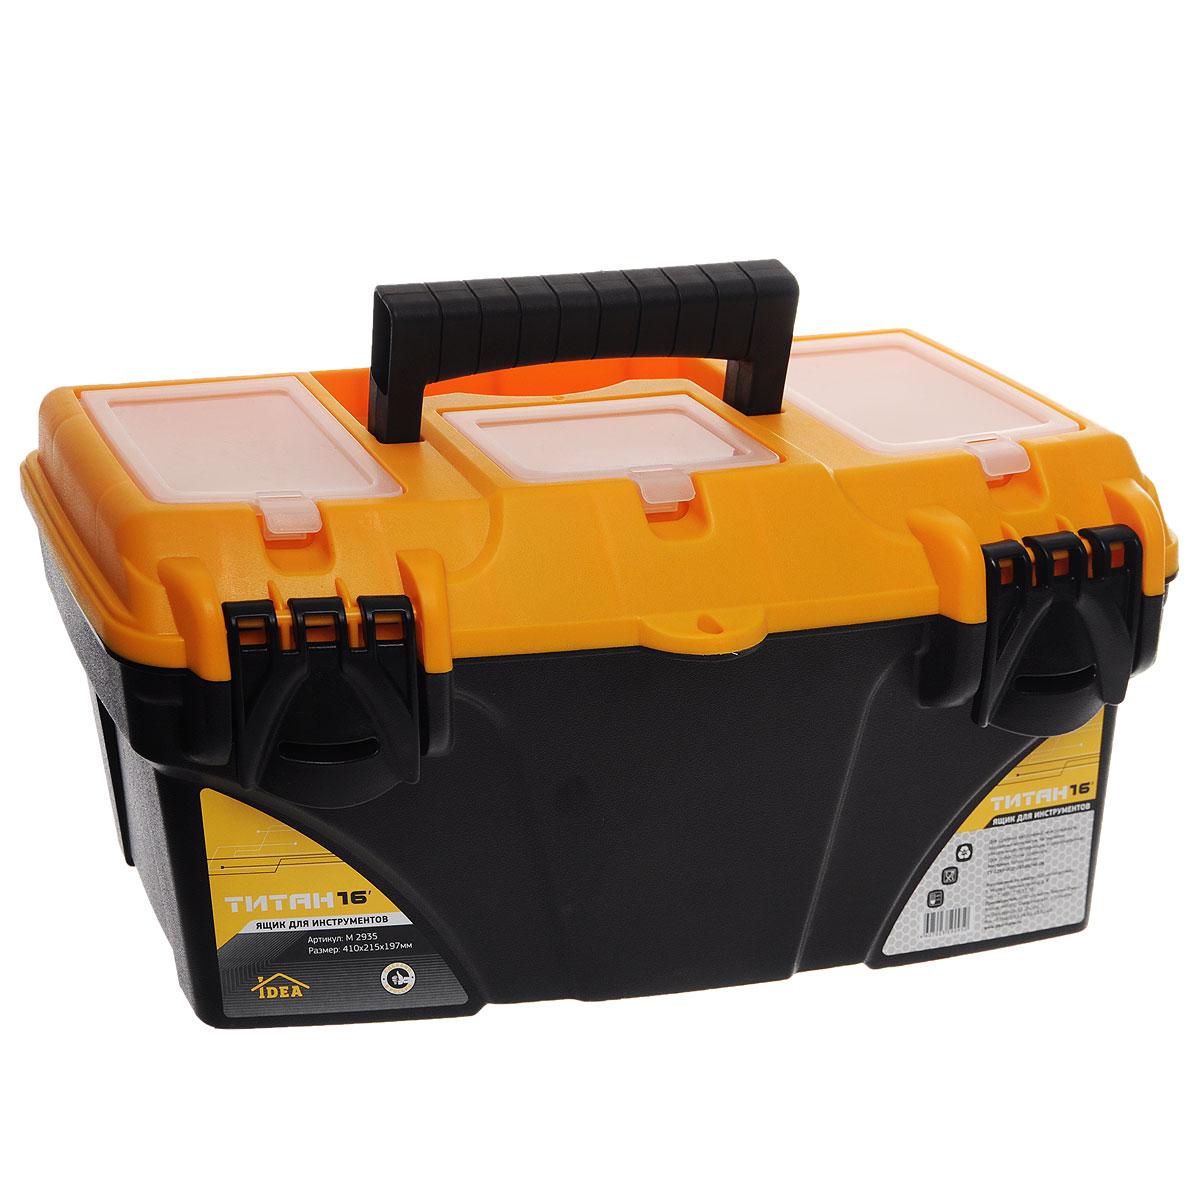 """Ящик для инструментов Idea """"Титан 16"""", с органайзером, 41 х 21,5 х 19,7 см Idea (М-пластика) М 2935"""